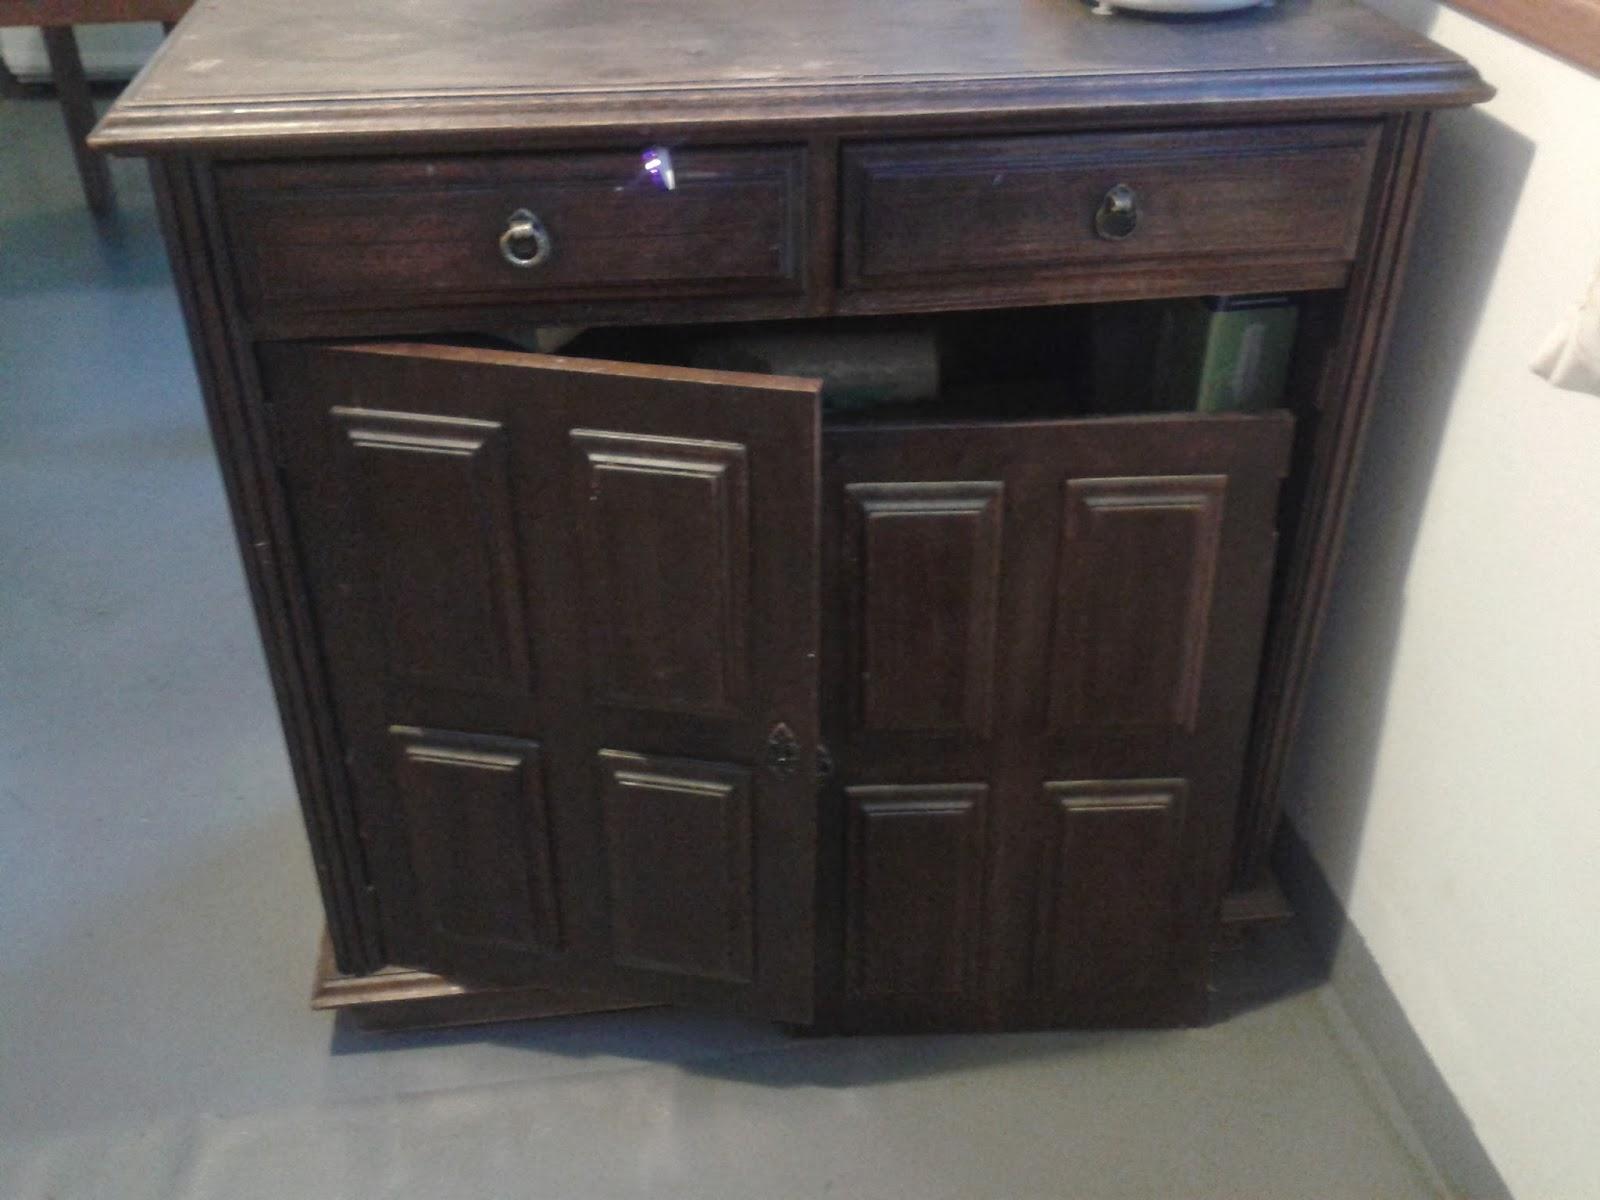 Luzgentili muebles renovados para una cocina comedor for Muebles para cocina comedor